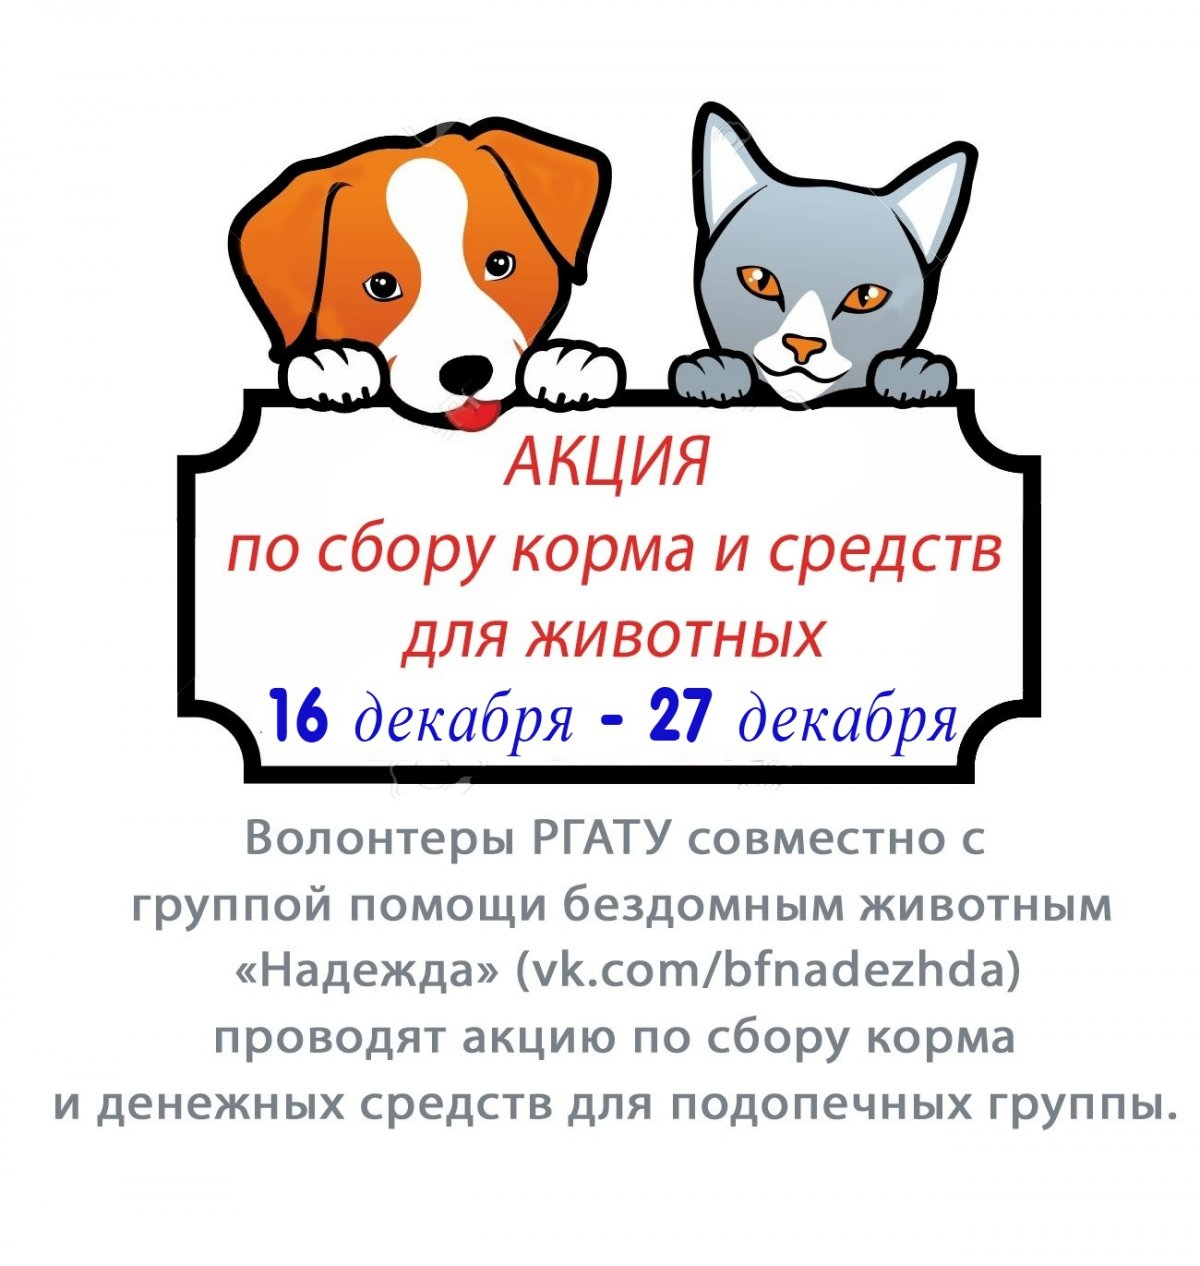 """ДРУЗЬЯ! Примите участие в предновогодней акции помощи животным, которую мы организуем совместно с ГРУППОЙ ПОМОЩИ БЕЗДОМНЫМ ЖИВОТНЫМ""""НАДЕЖДА""""РЫБИНСК"""